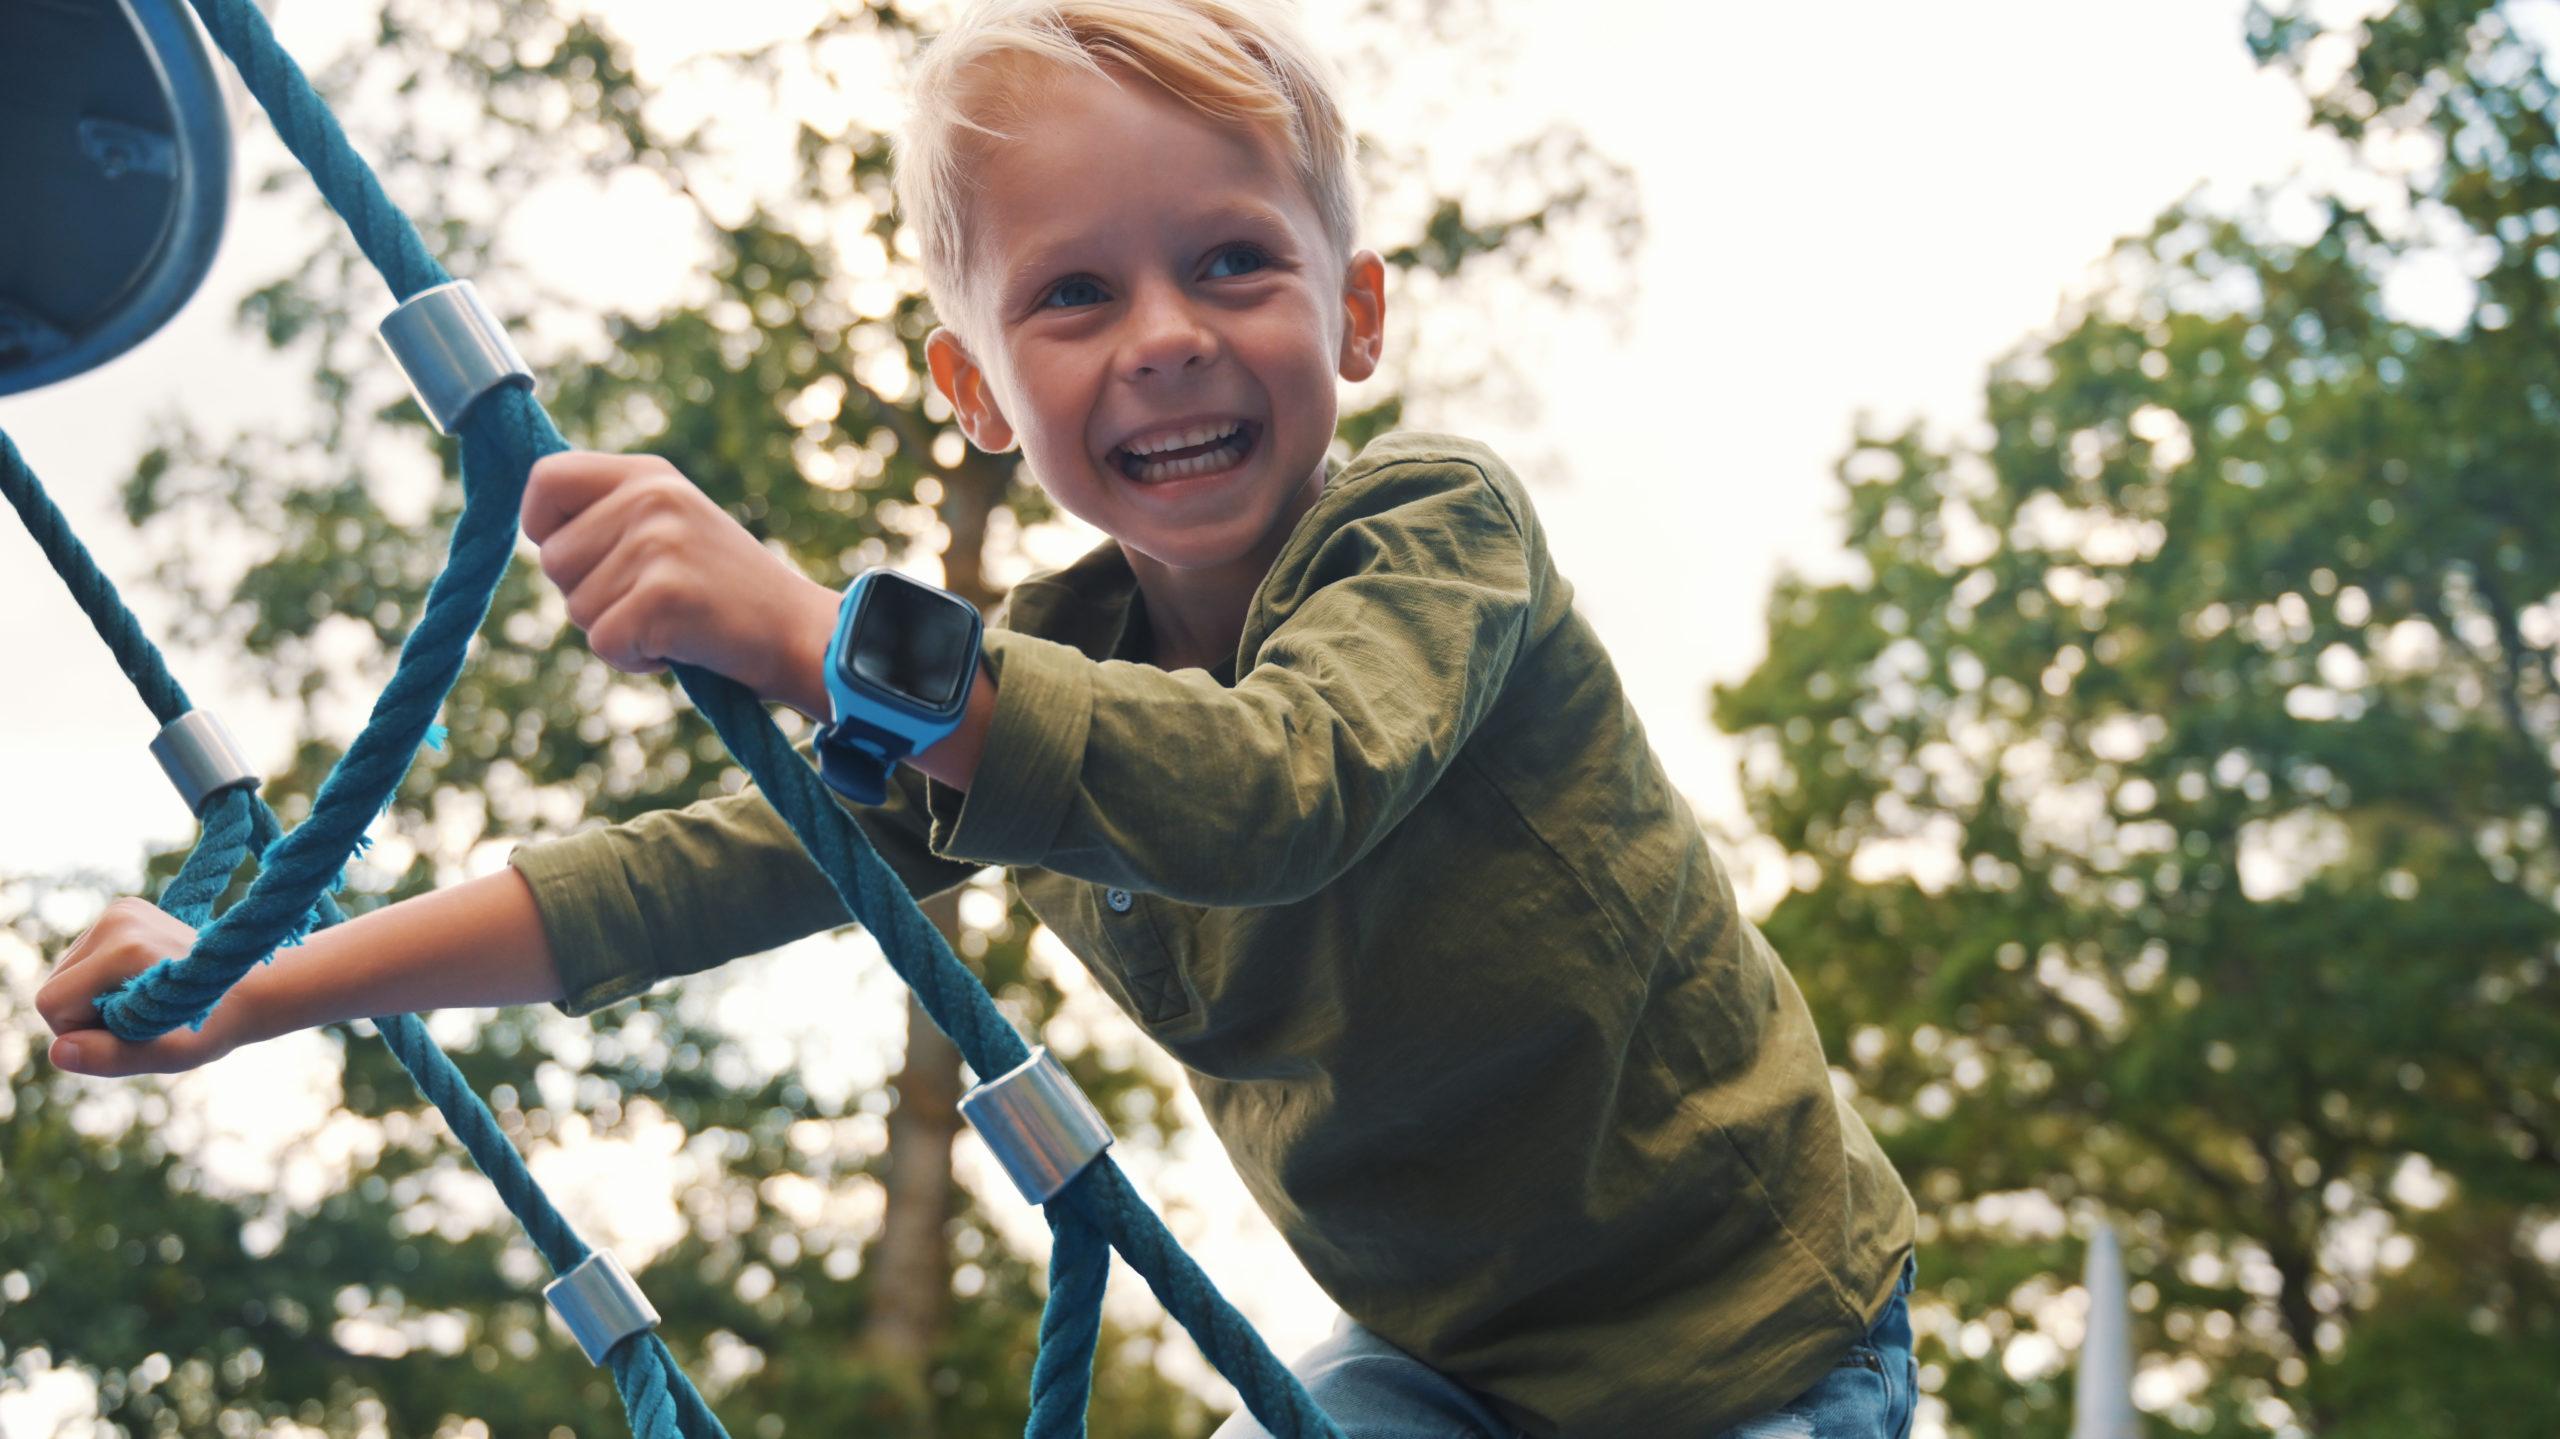 Mindre skjermtid når barna leker ute med sin xplora klokke. Her leker en gutt i klatrestativ